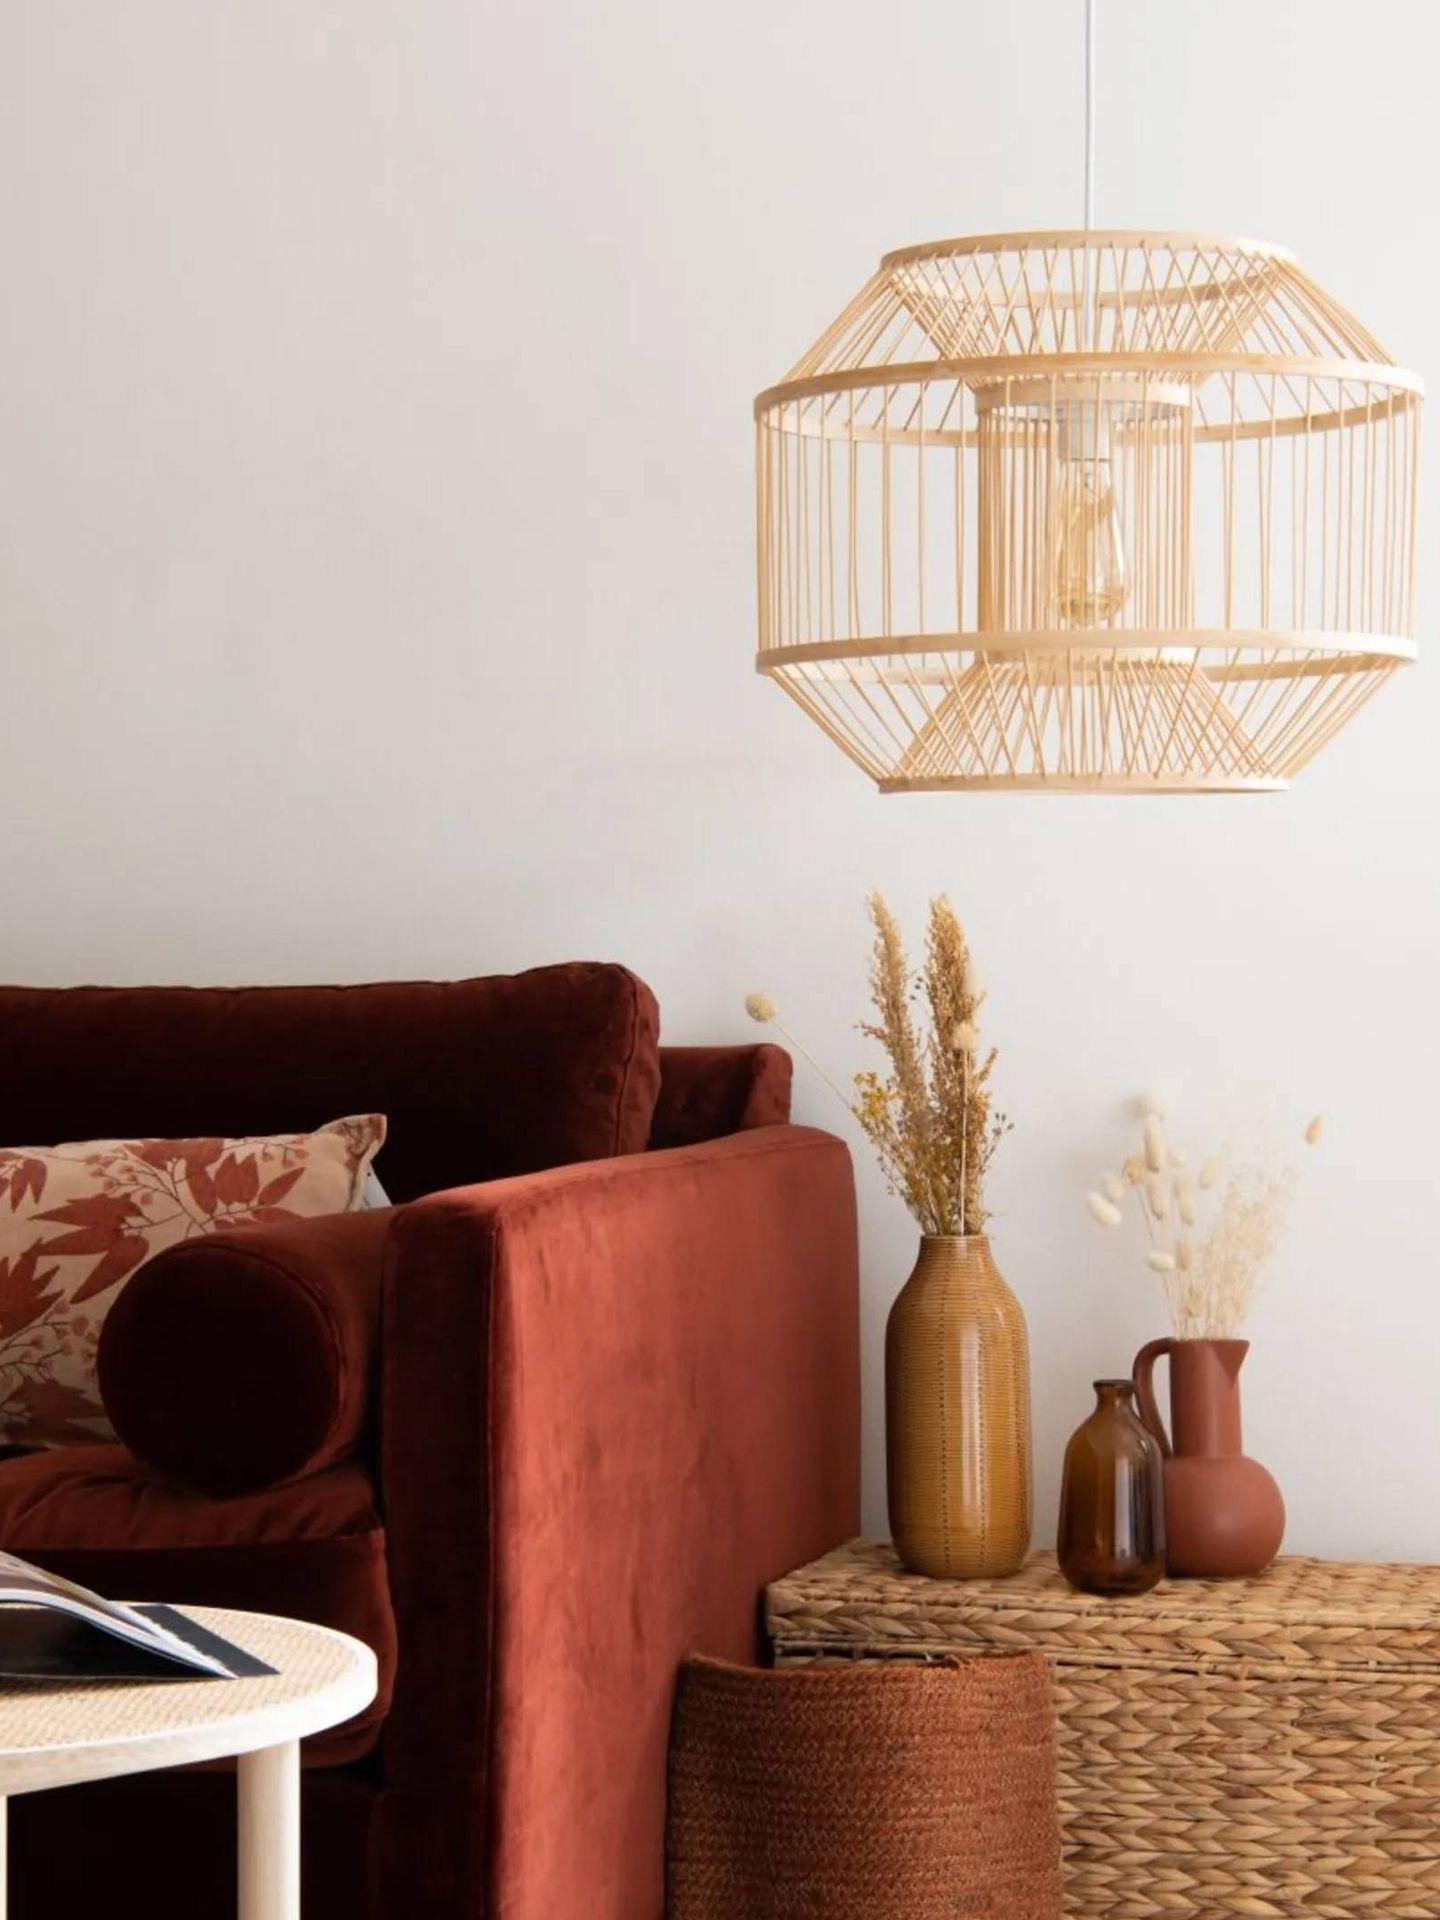 Lámparas de techo en Maisons du Monde. (Cortesía)